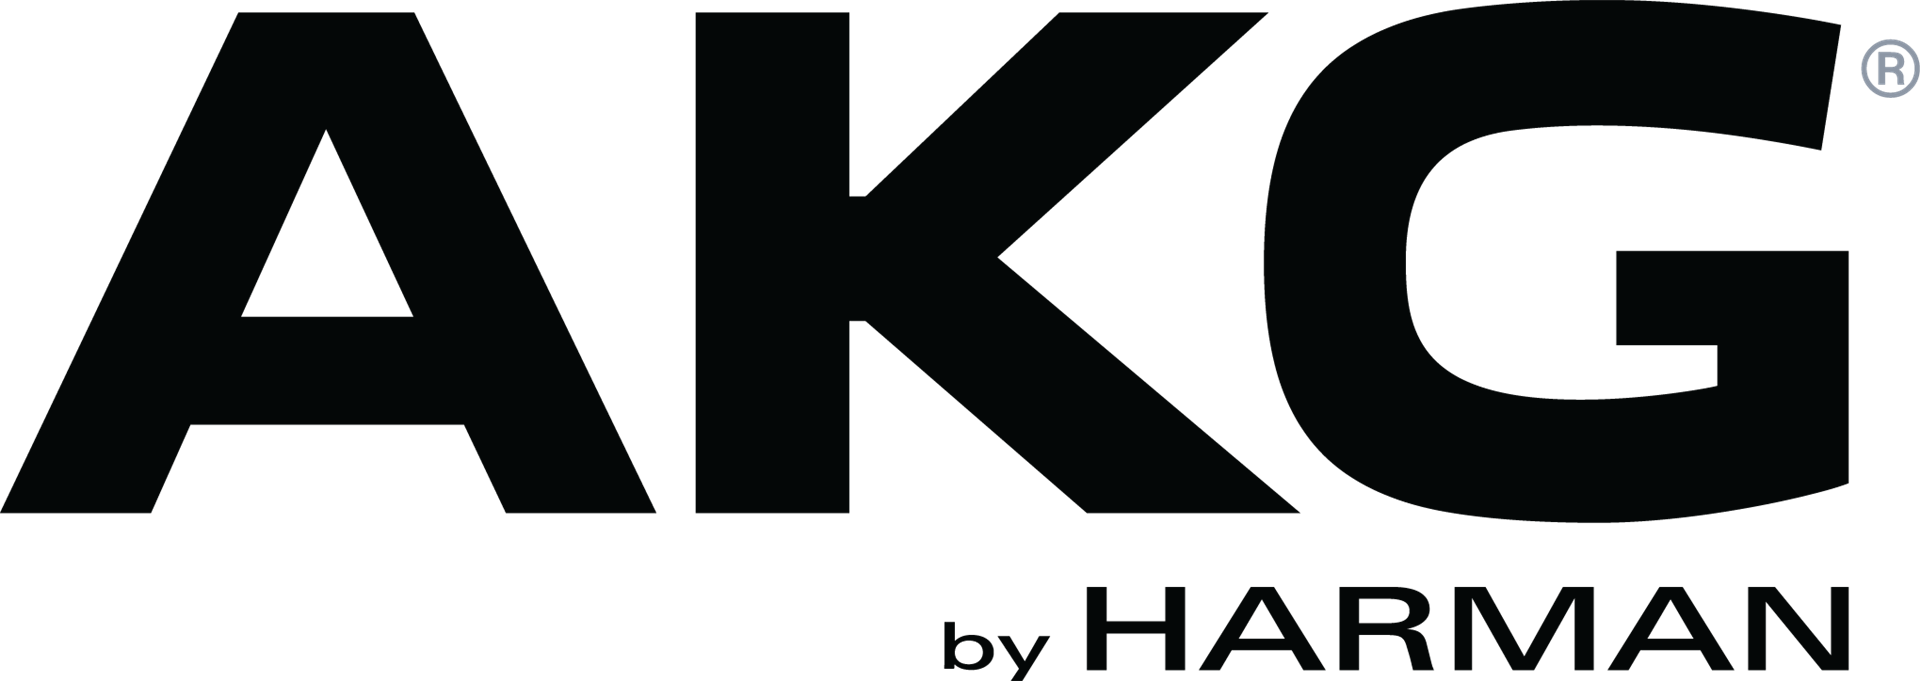 AKG logo bw